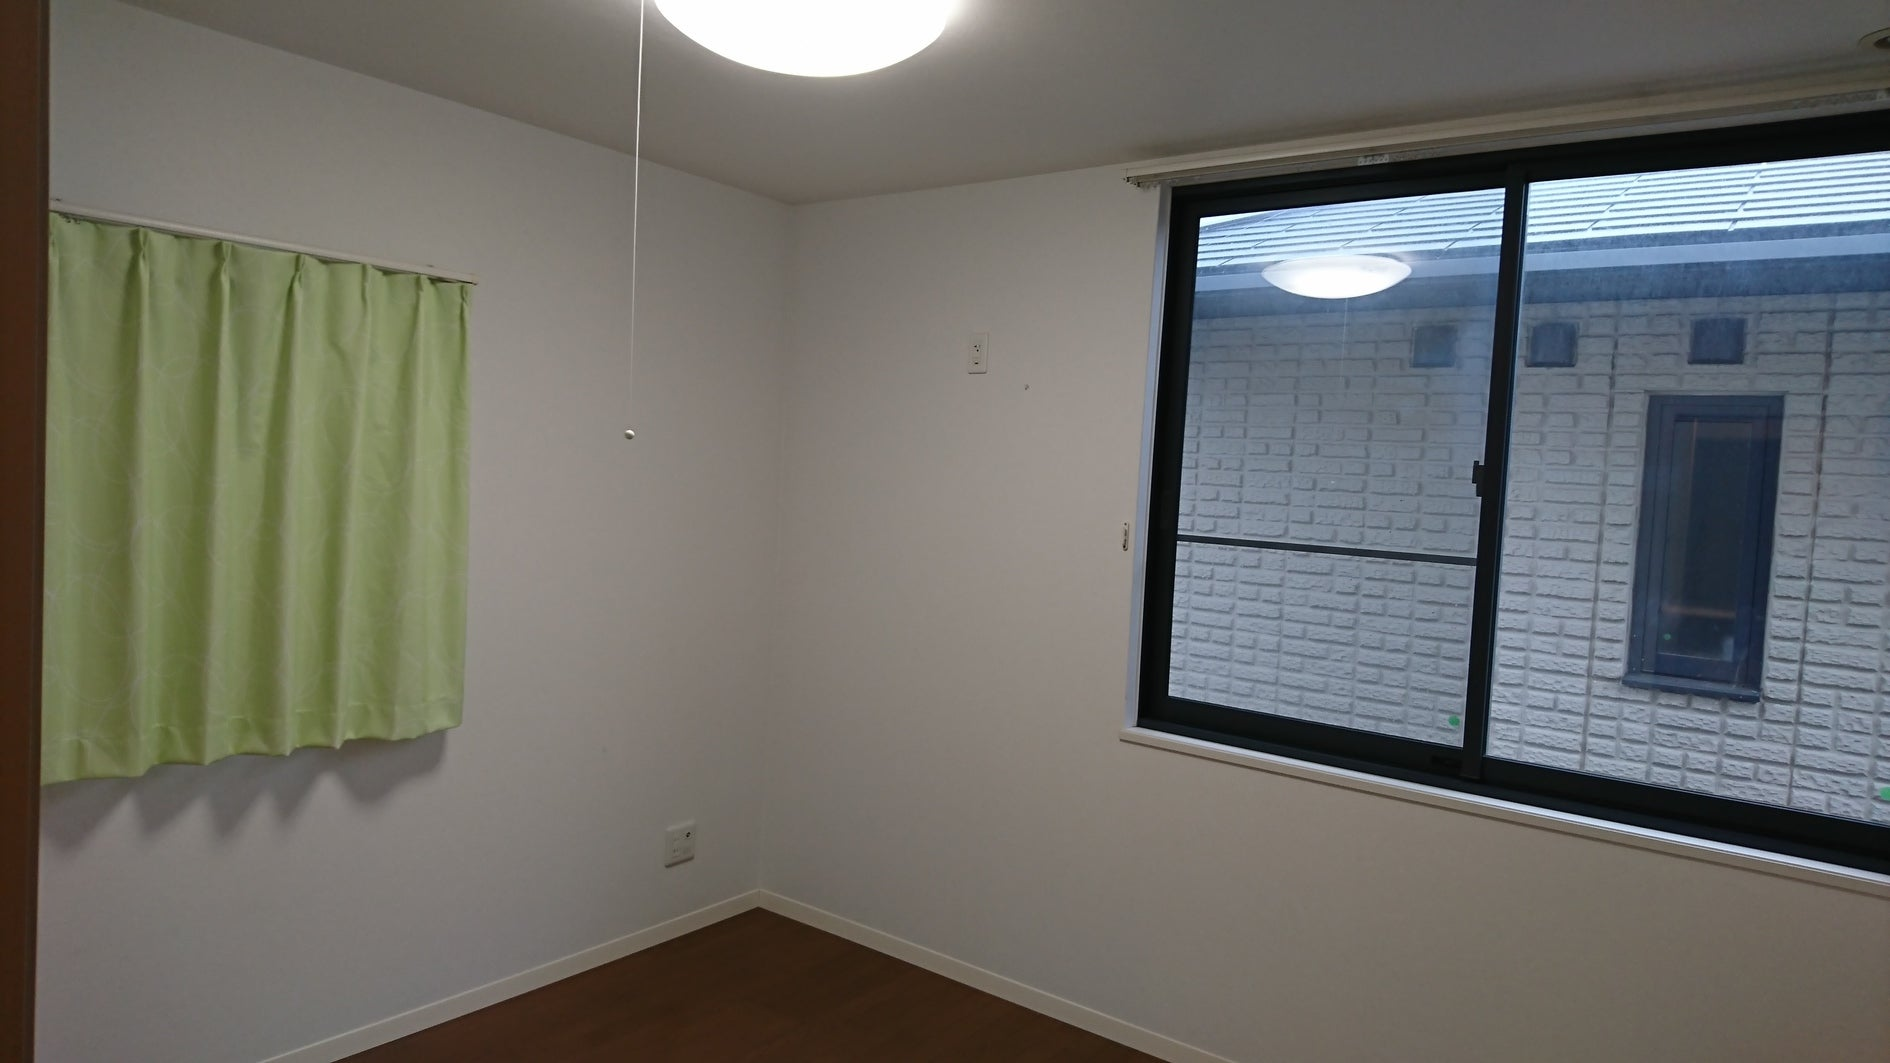 空き部屋(洋室)/演奏の個人練習、合唱、作業スペースなどに! の写真